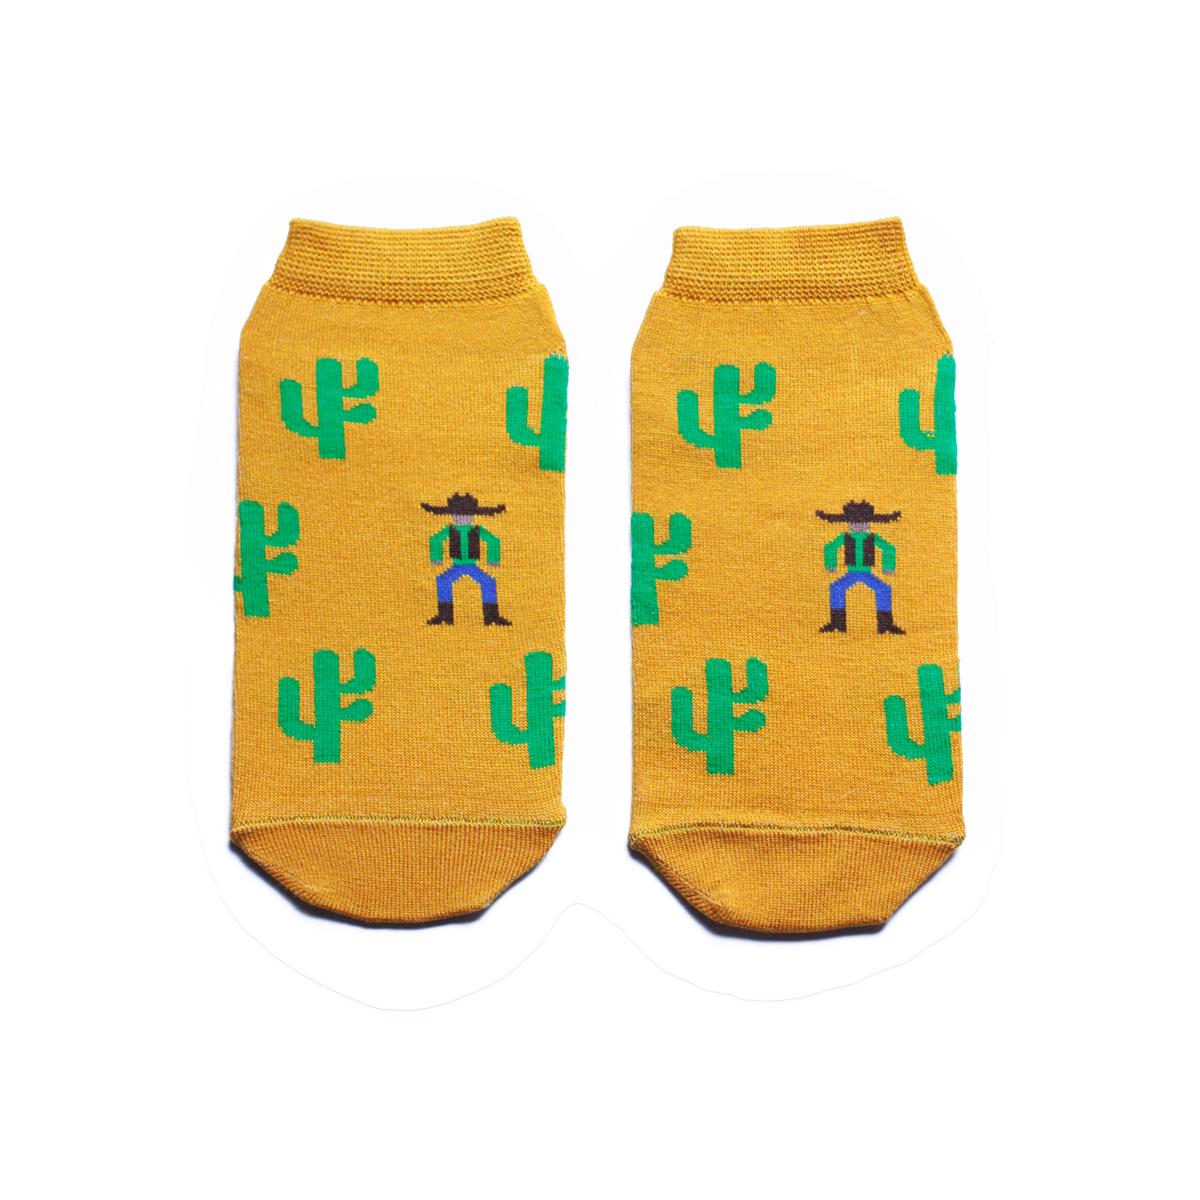 s2122Укороченные женские носки Big Bang Socks изготовлены из высококачественного хлопка с добавлением полиамидных и эластановых волокон, которые обеспечивают великолепную посадку. Носки отличаются ярким стильным дизайном, они оформлены изображением кактусов и ковбоя. Удобная резинка идеально облегает ногу и не пережимает сосуды, а усиленные пятка и мысок повышают износоустойчивость носка. Дизайнерские носки Big Bang Socks - яркая деталь в вашем образе и оригинальный подарок для друзей и близких.